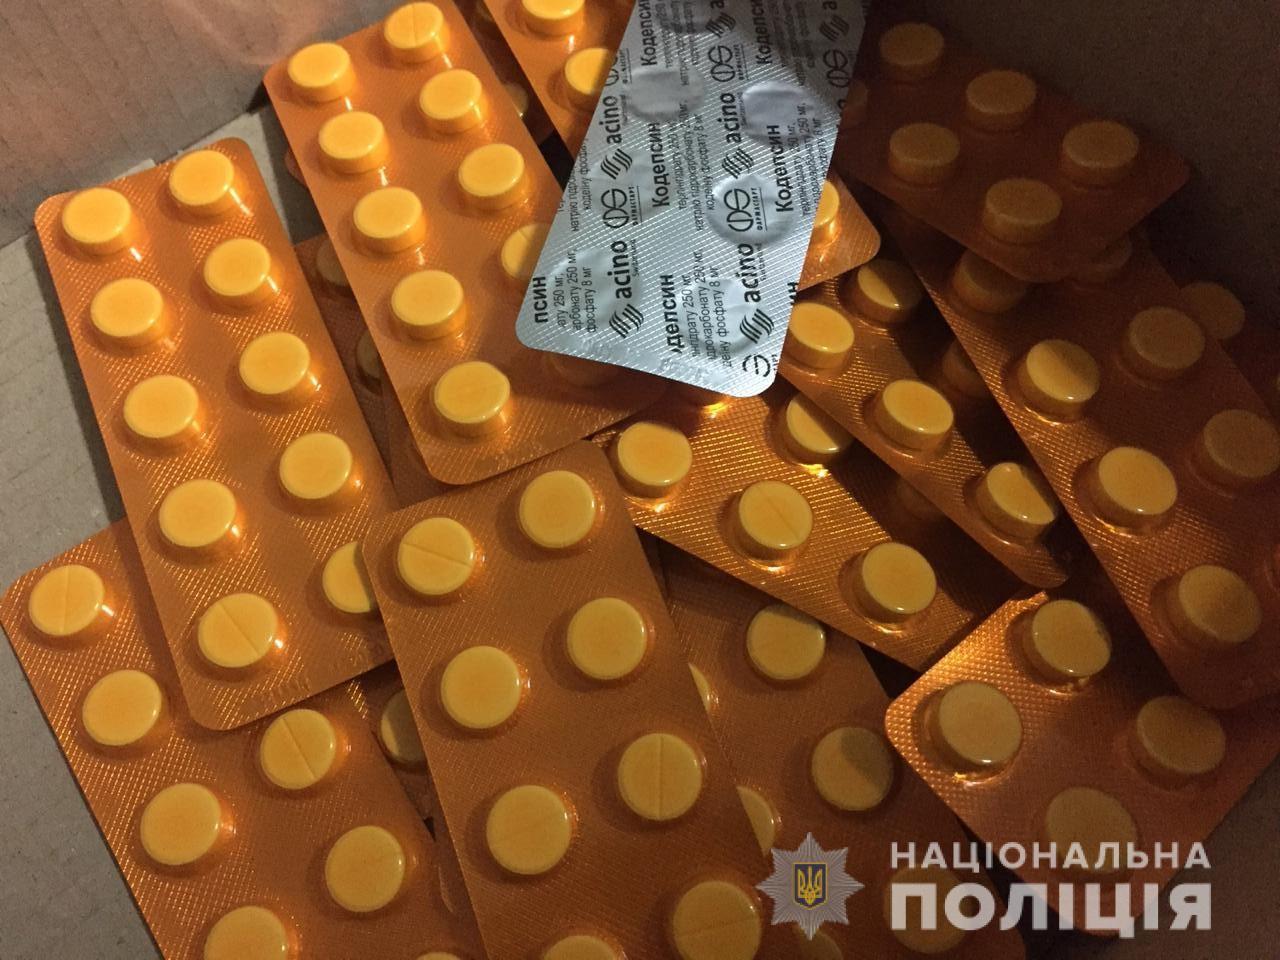 В аптеке на Ахсарова наркоманам продавали наркосодержащие препараты (видео)